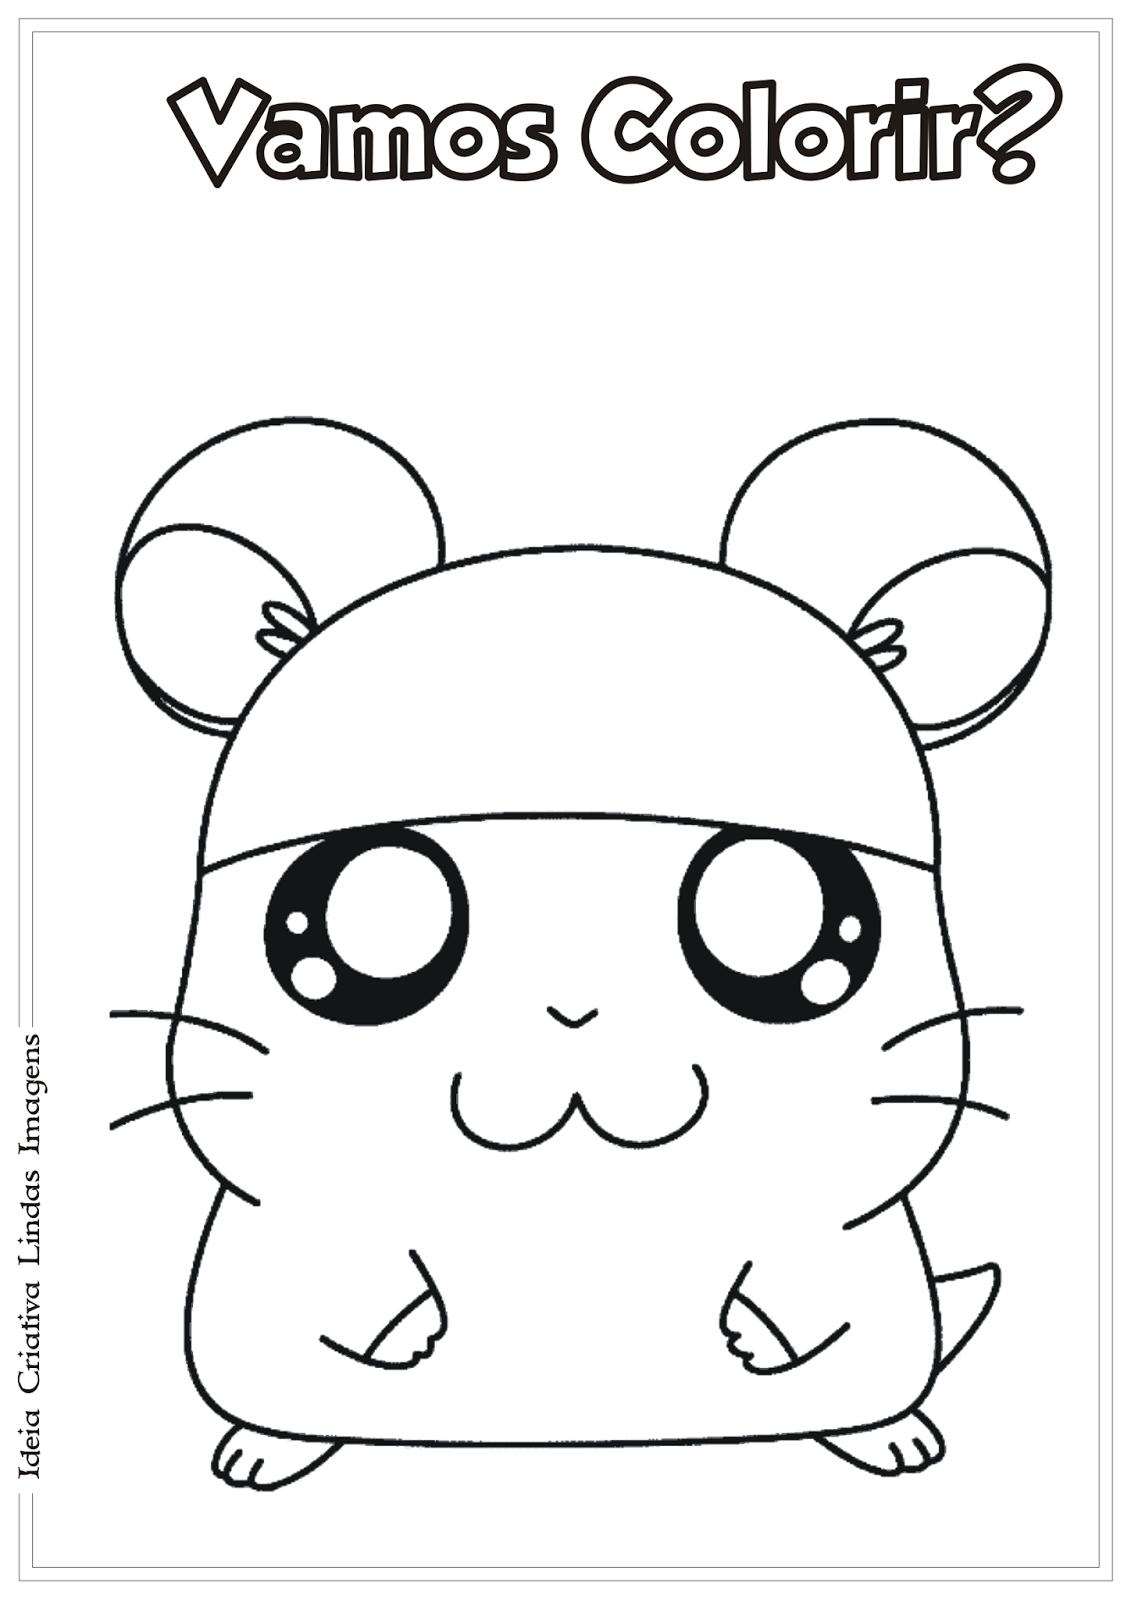 desenho-hamtaro-para-colorir-ideia-criativa-lindas-imagens3 | Anime ...